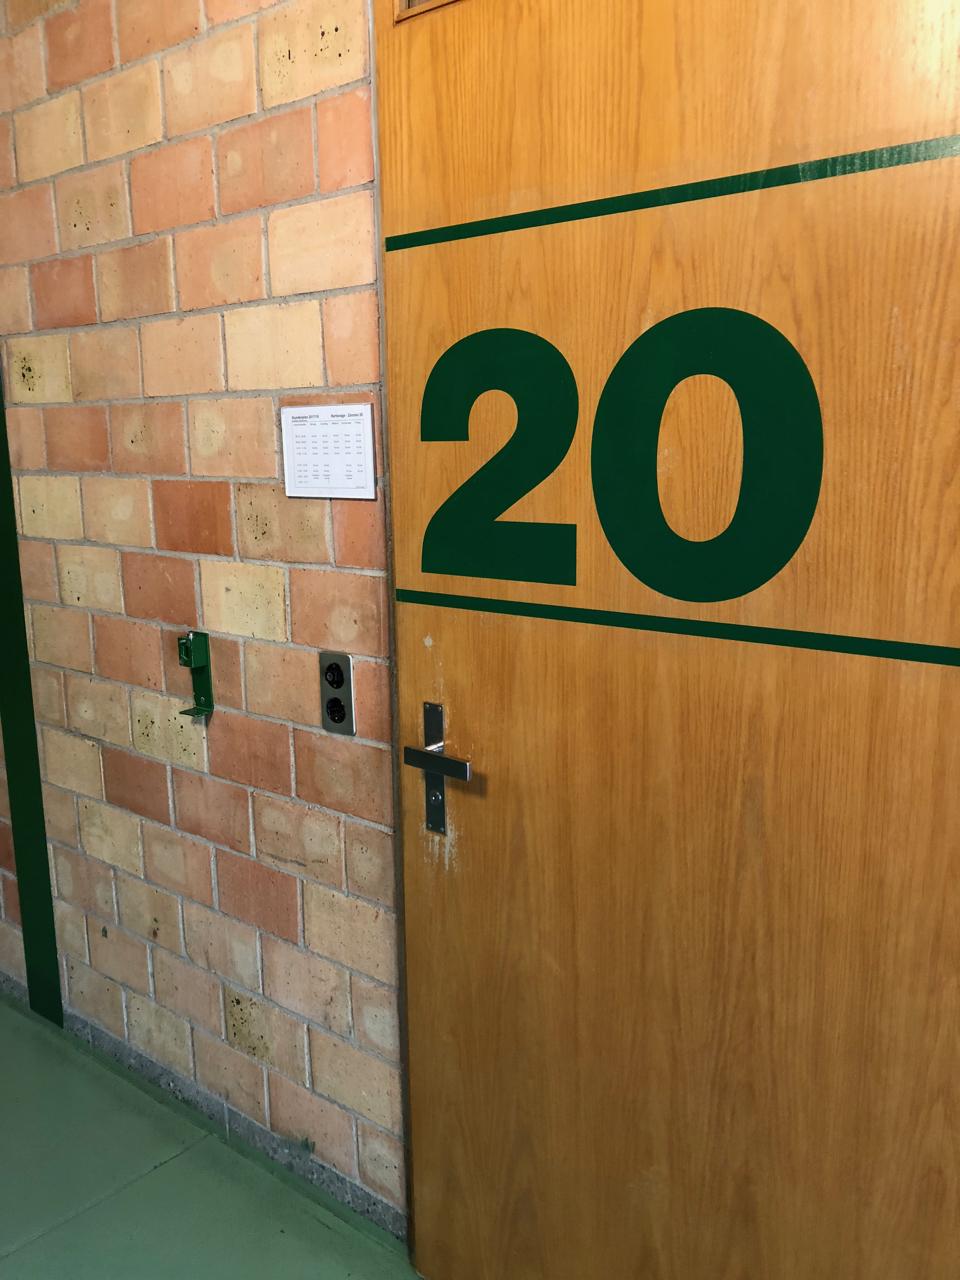 unser provisorisches Lehrerzimmer wird das Zimmer 20 sein